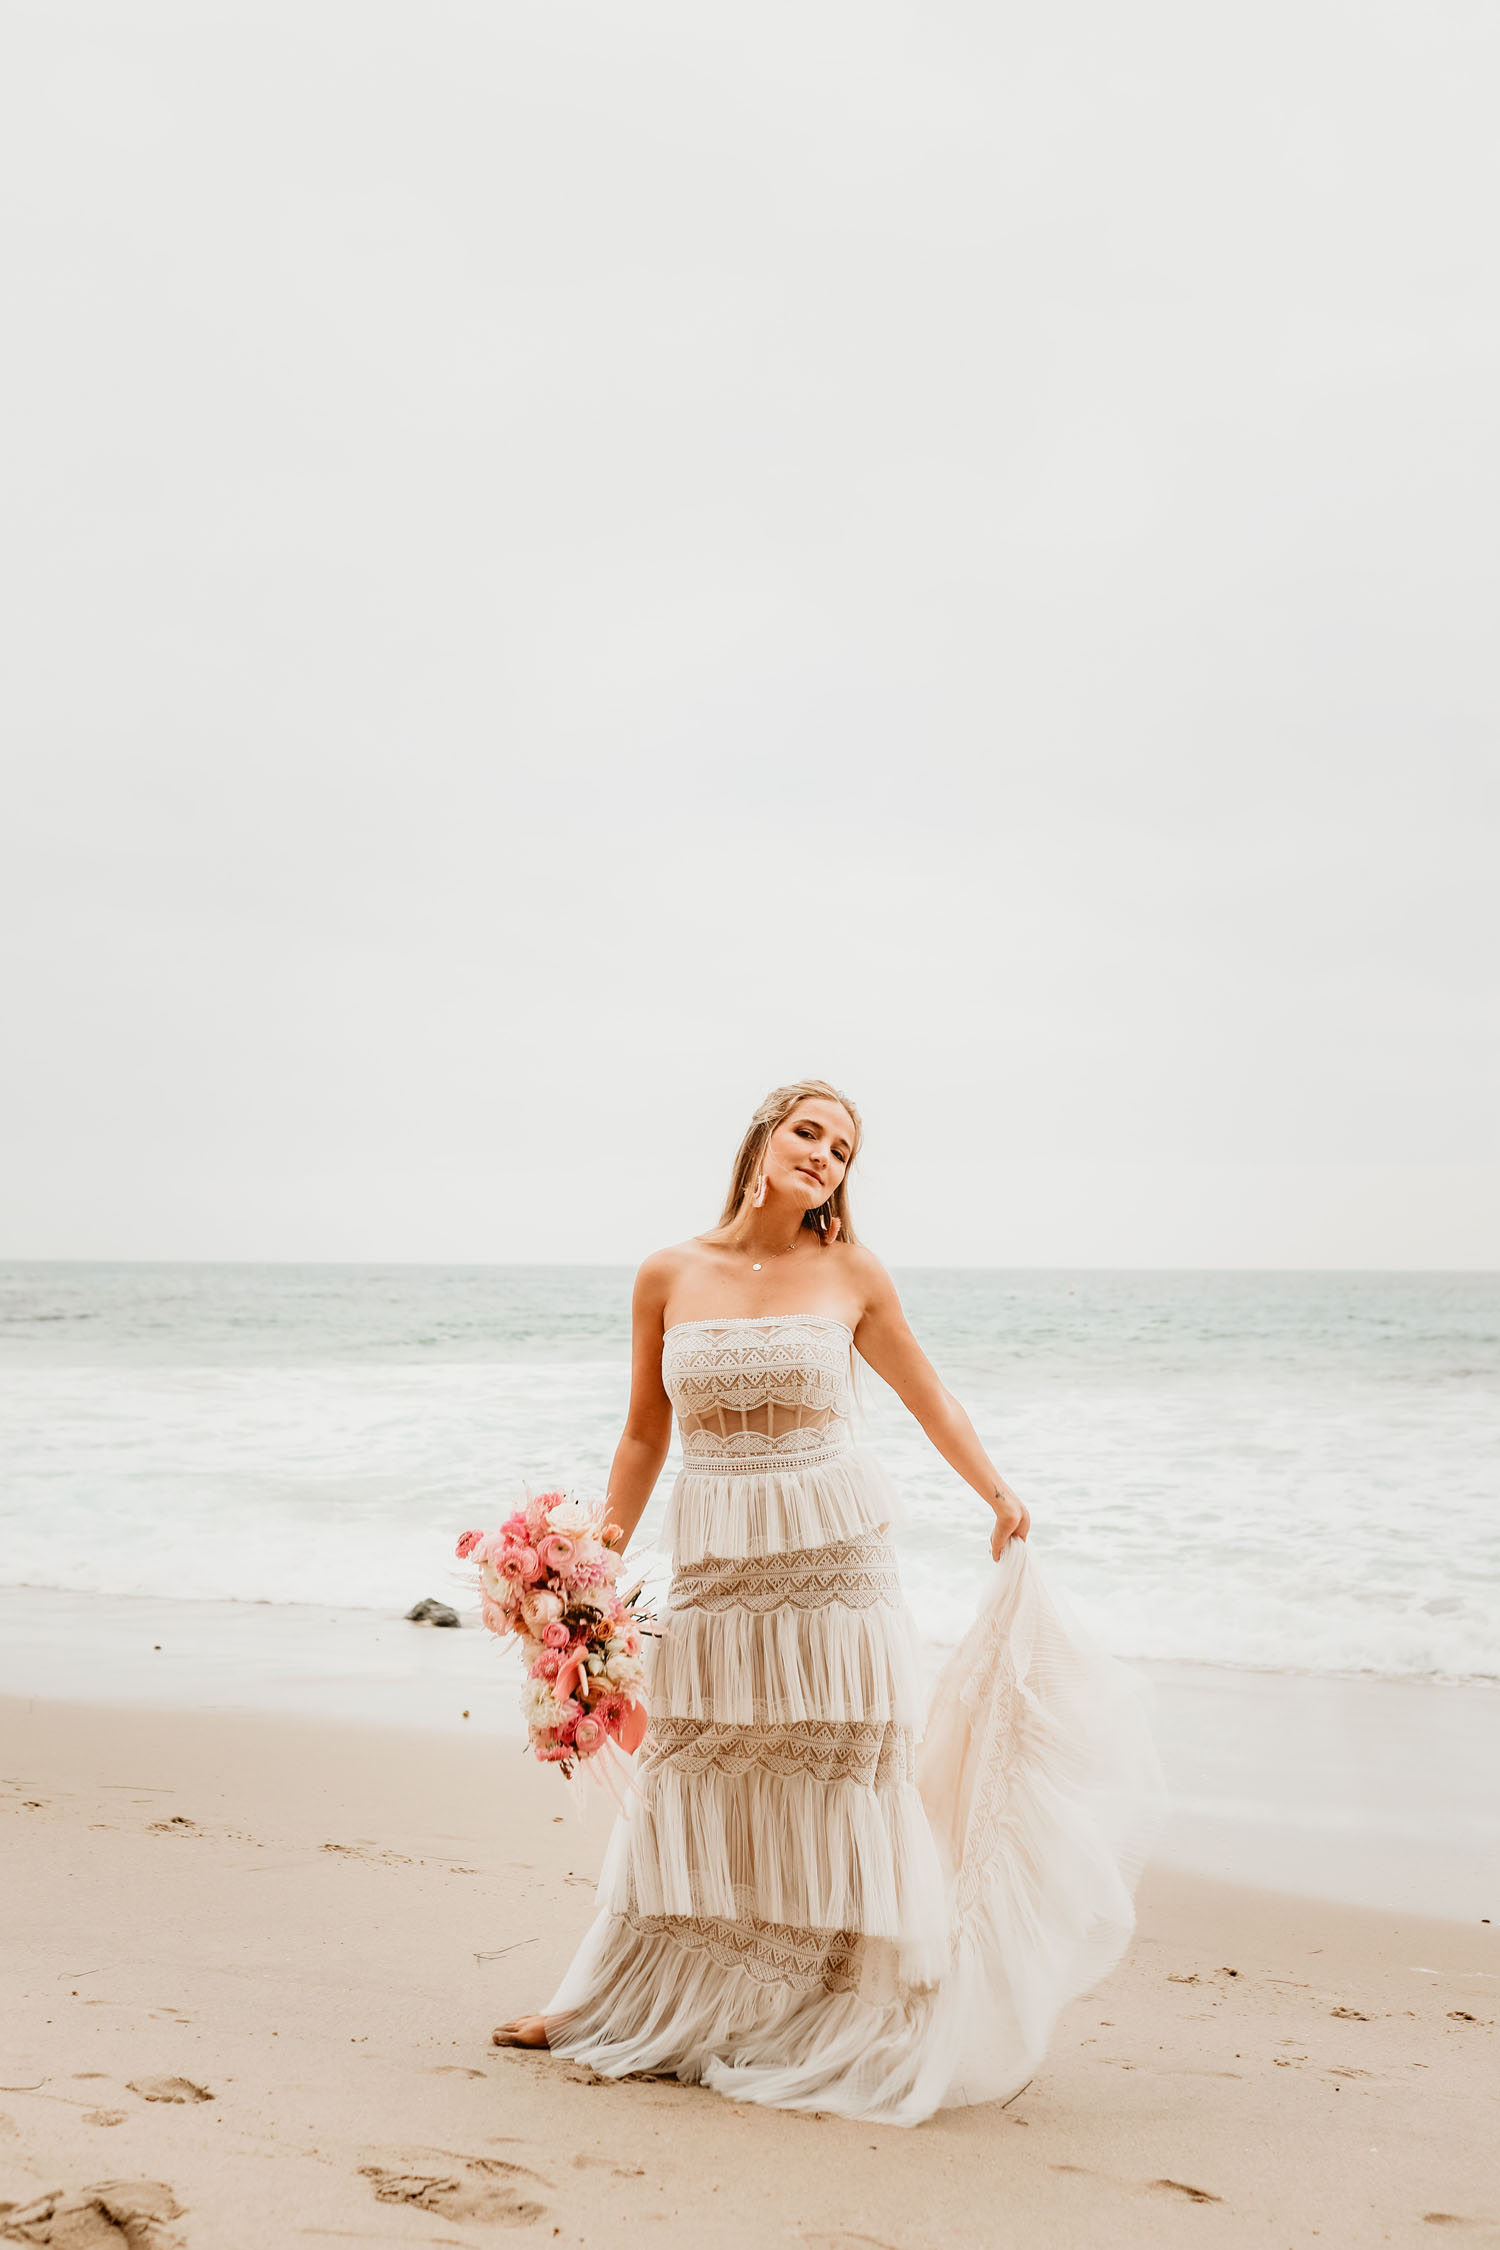 Styled by TC Wedding Dress